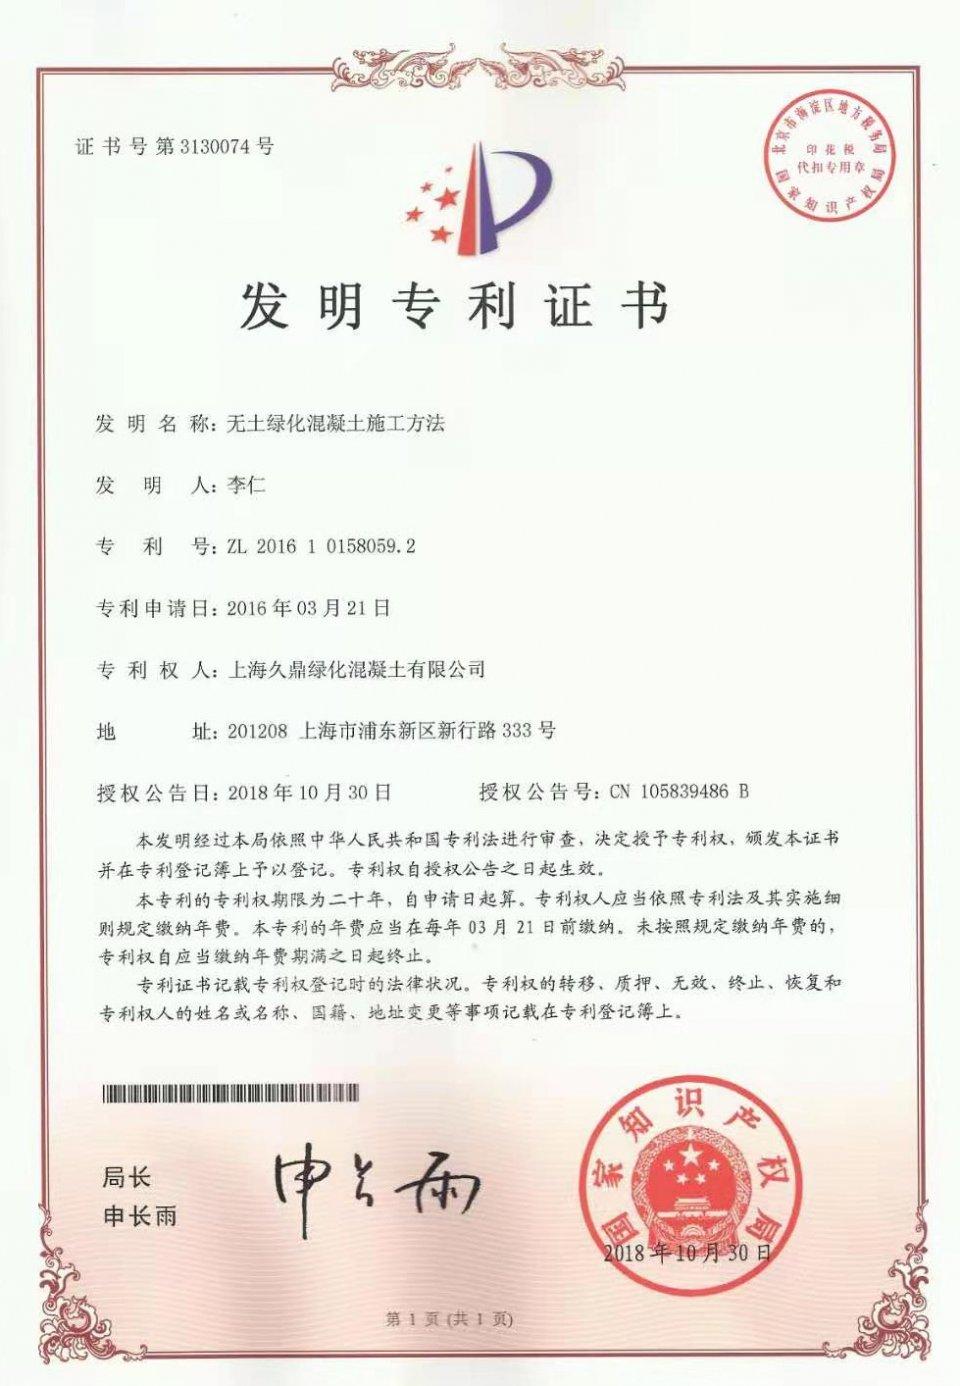 访上海久鼎绿化混凝土公司董事长李仁